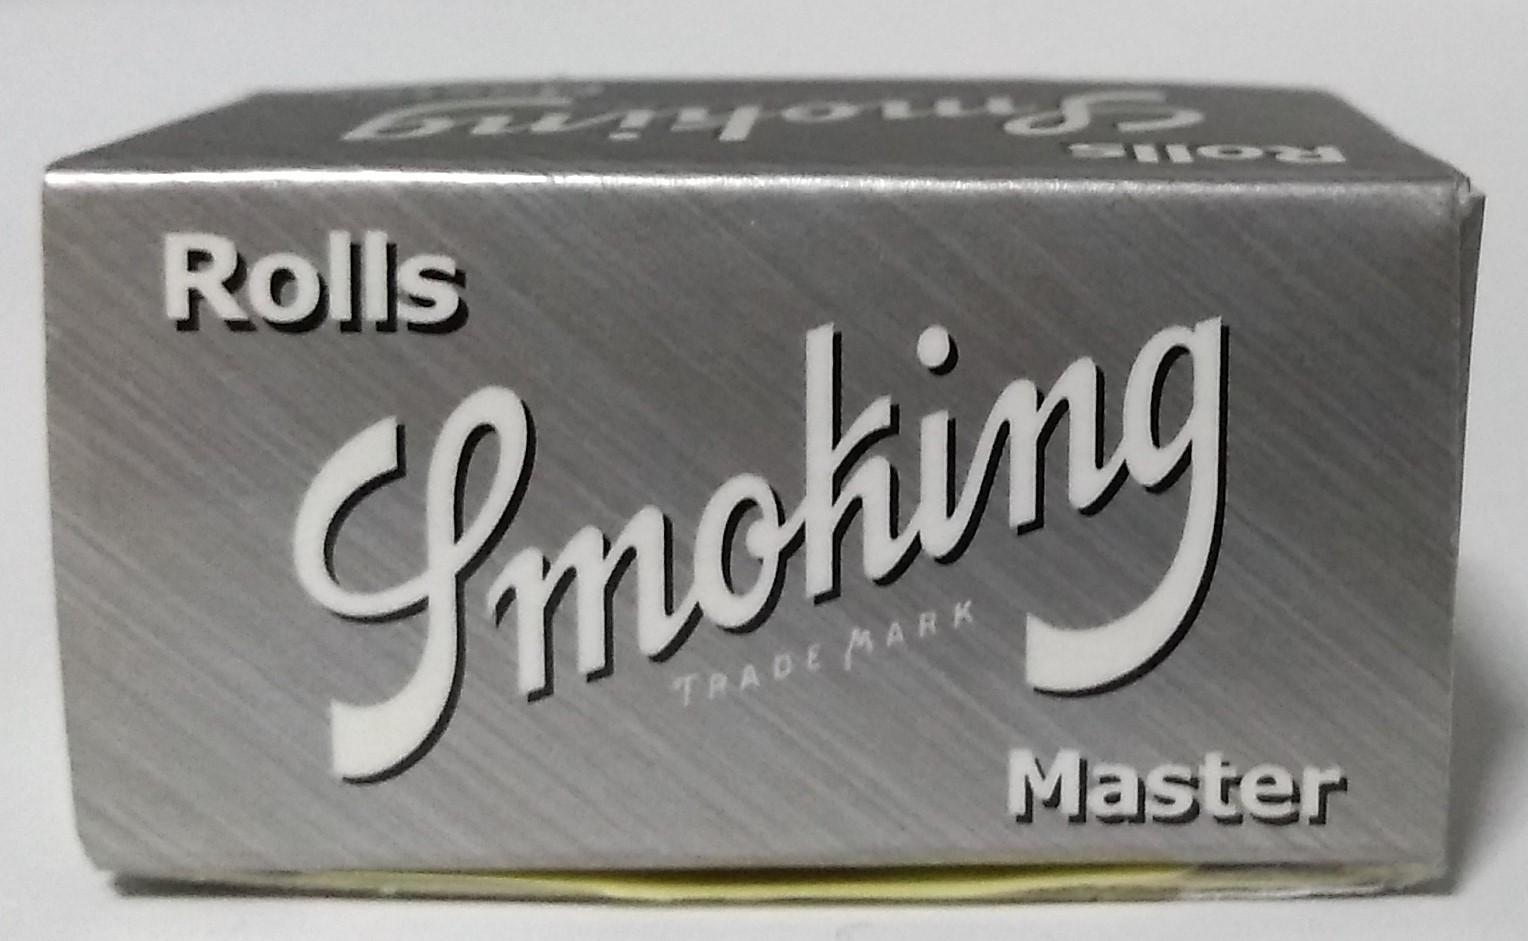 Papel Smoking Master Rolls